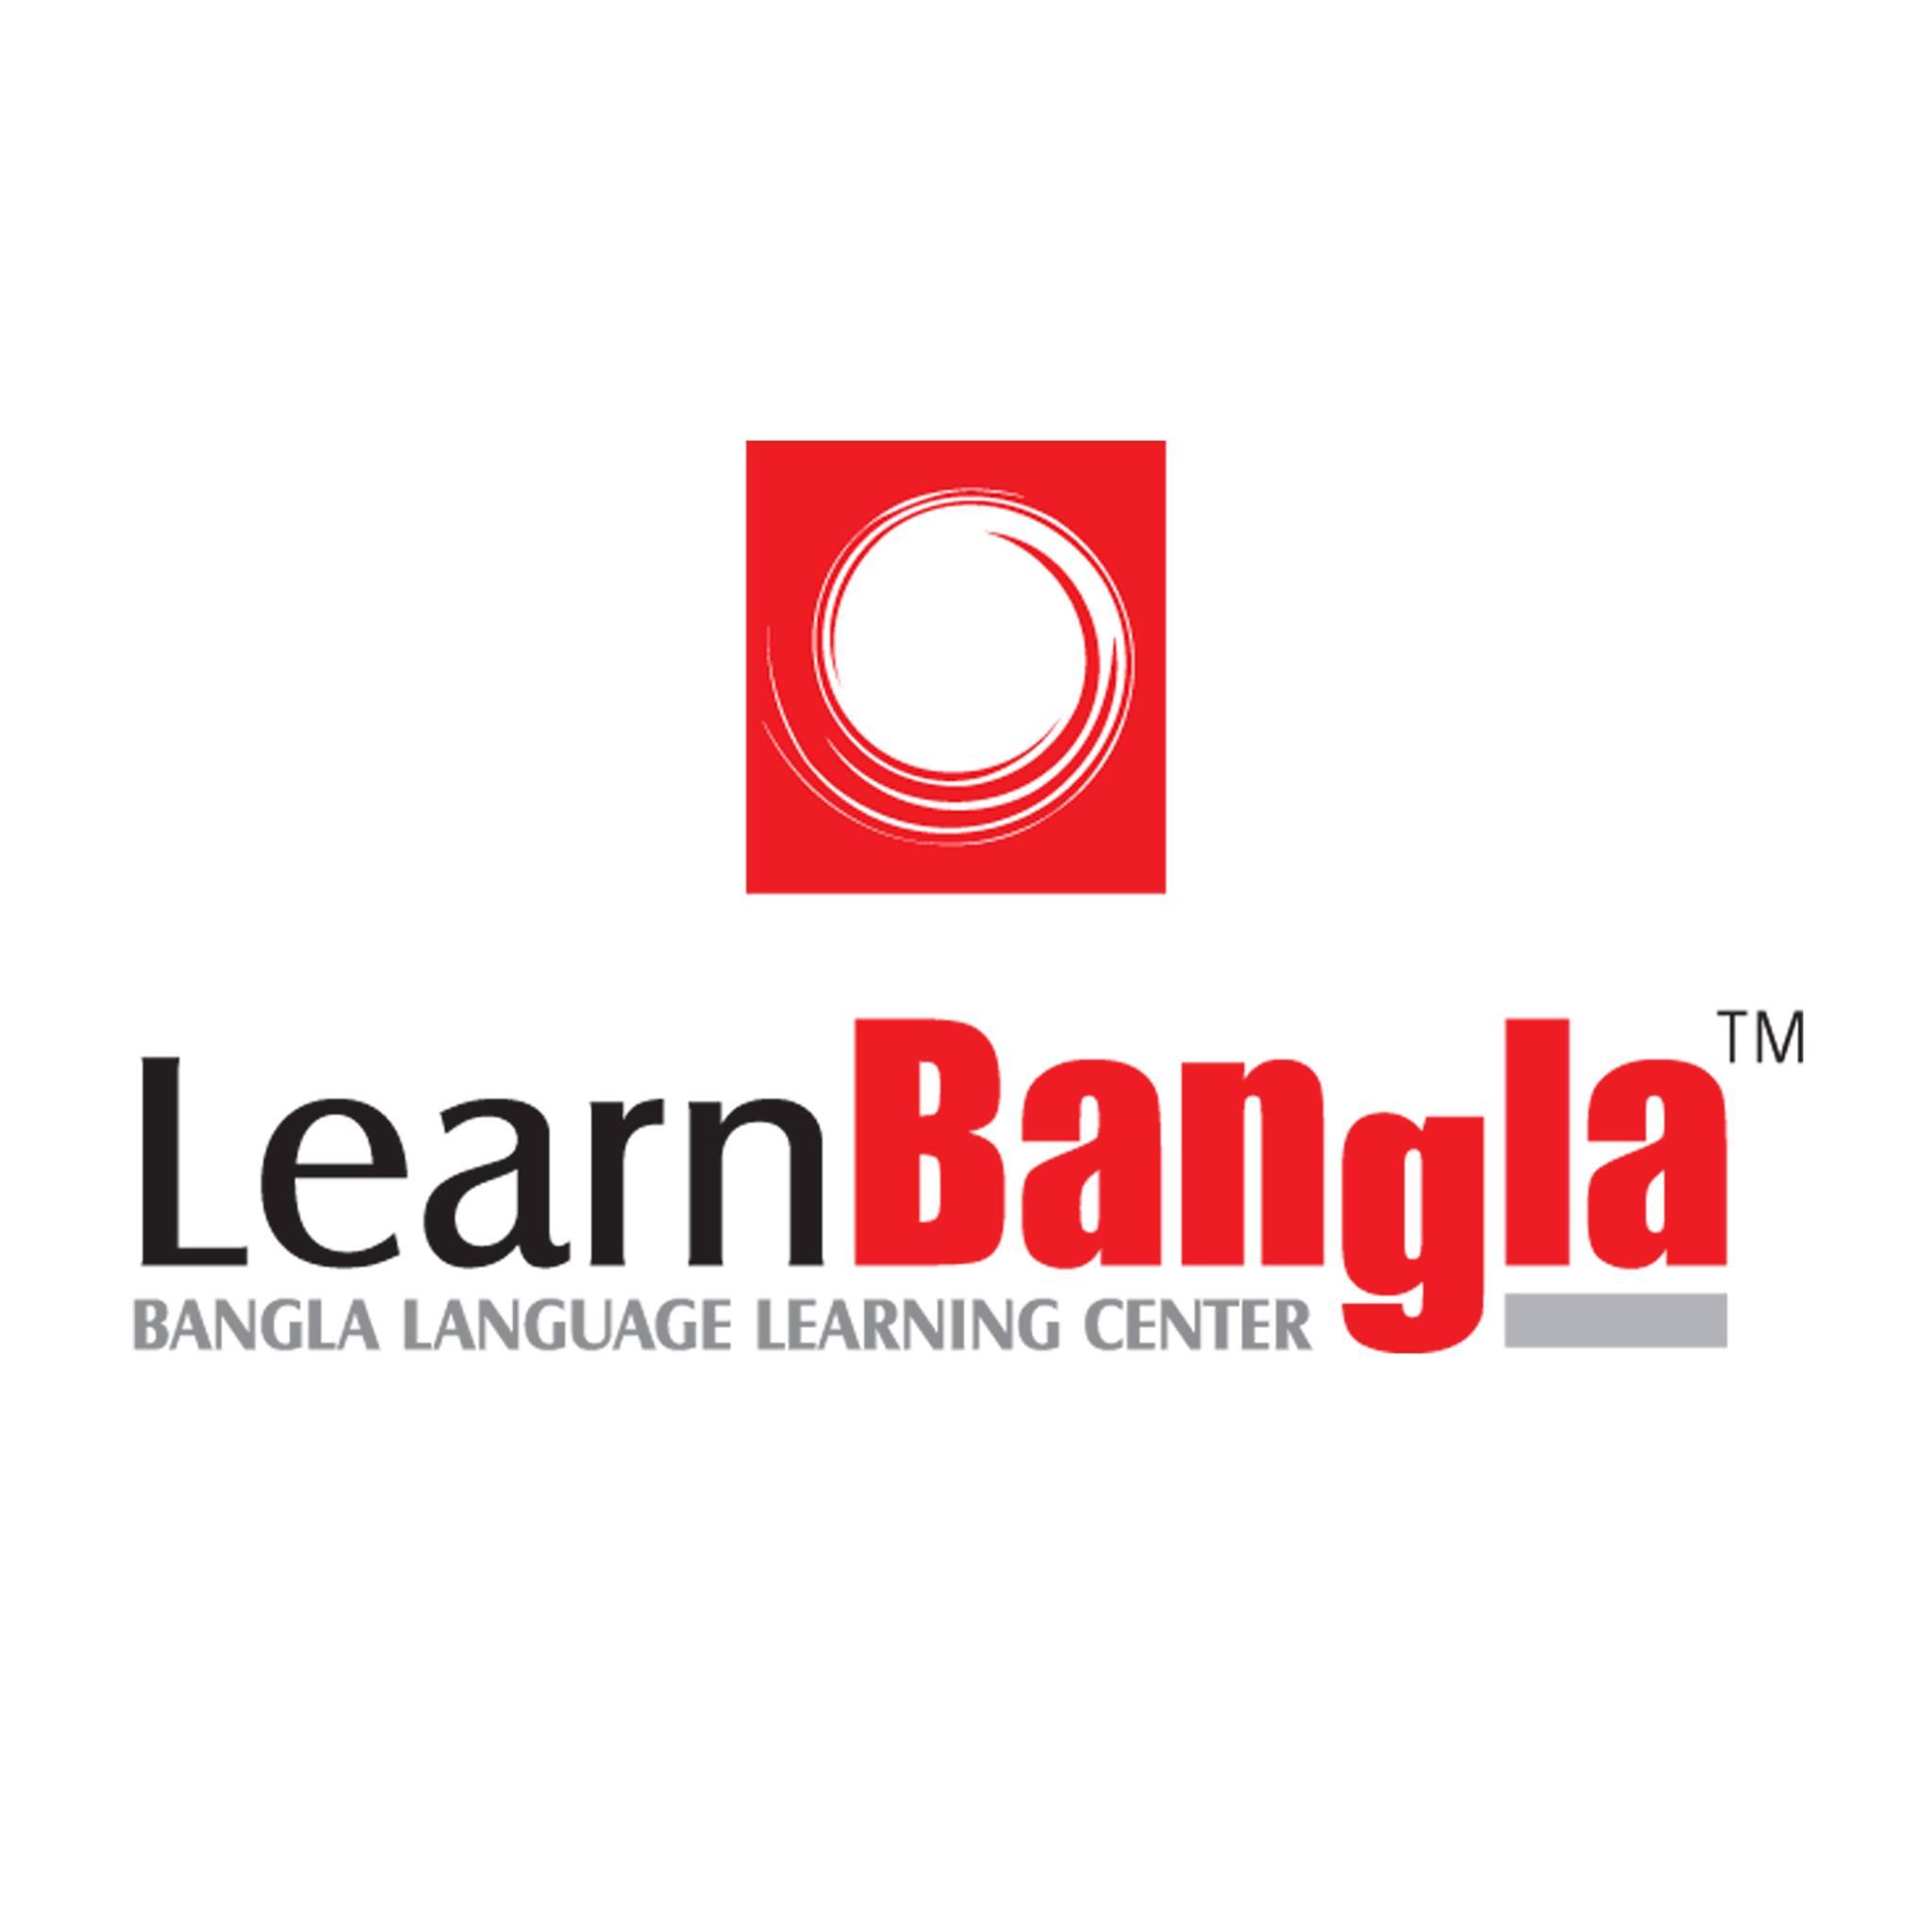 LearnBangla